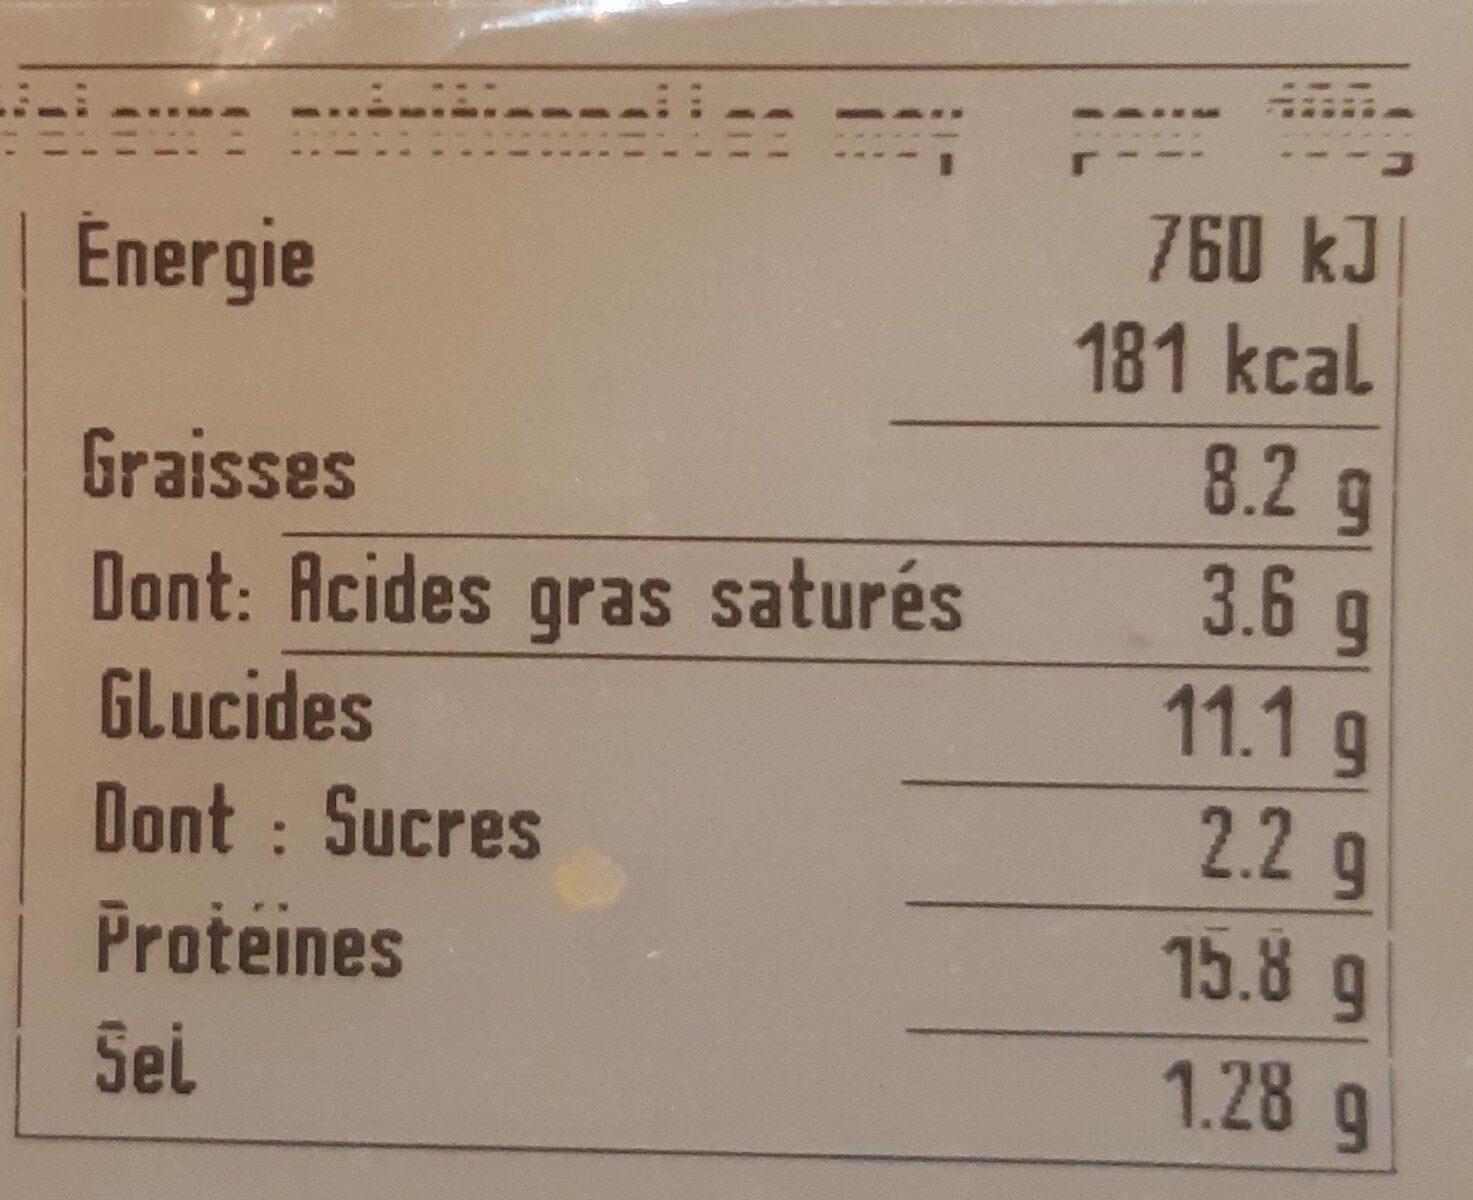 Le cordon bleu de poulet - Informations nutritionnelles - fr